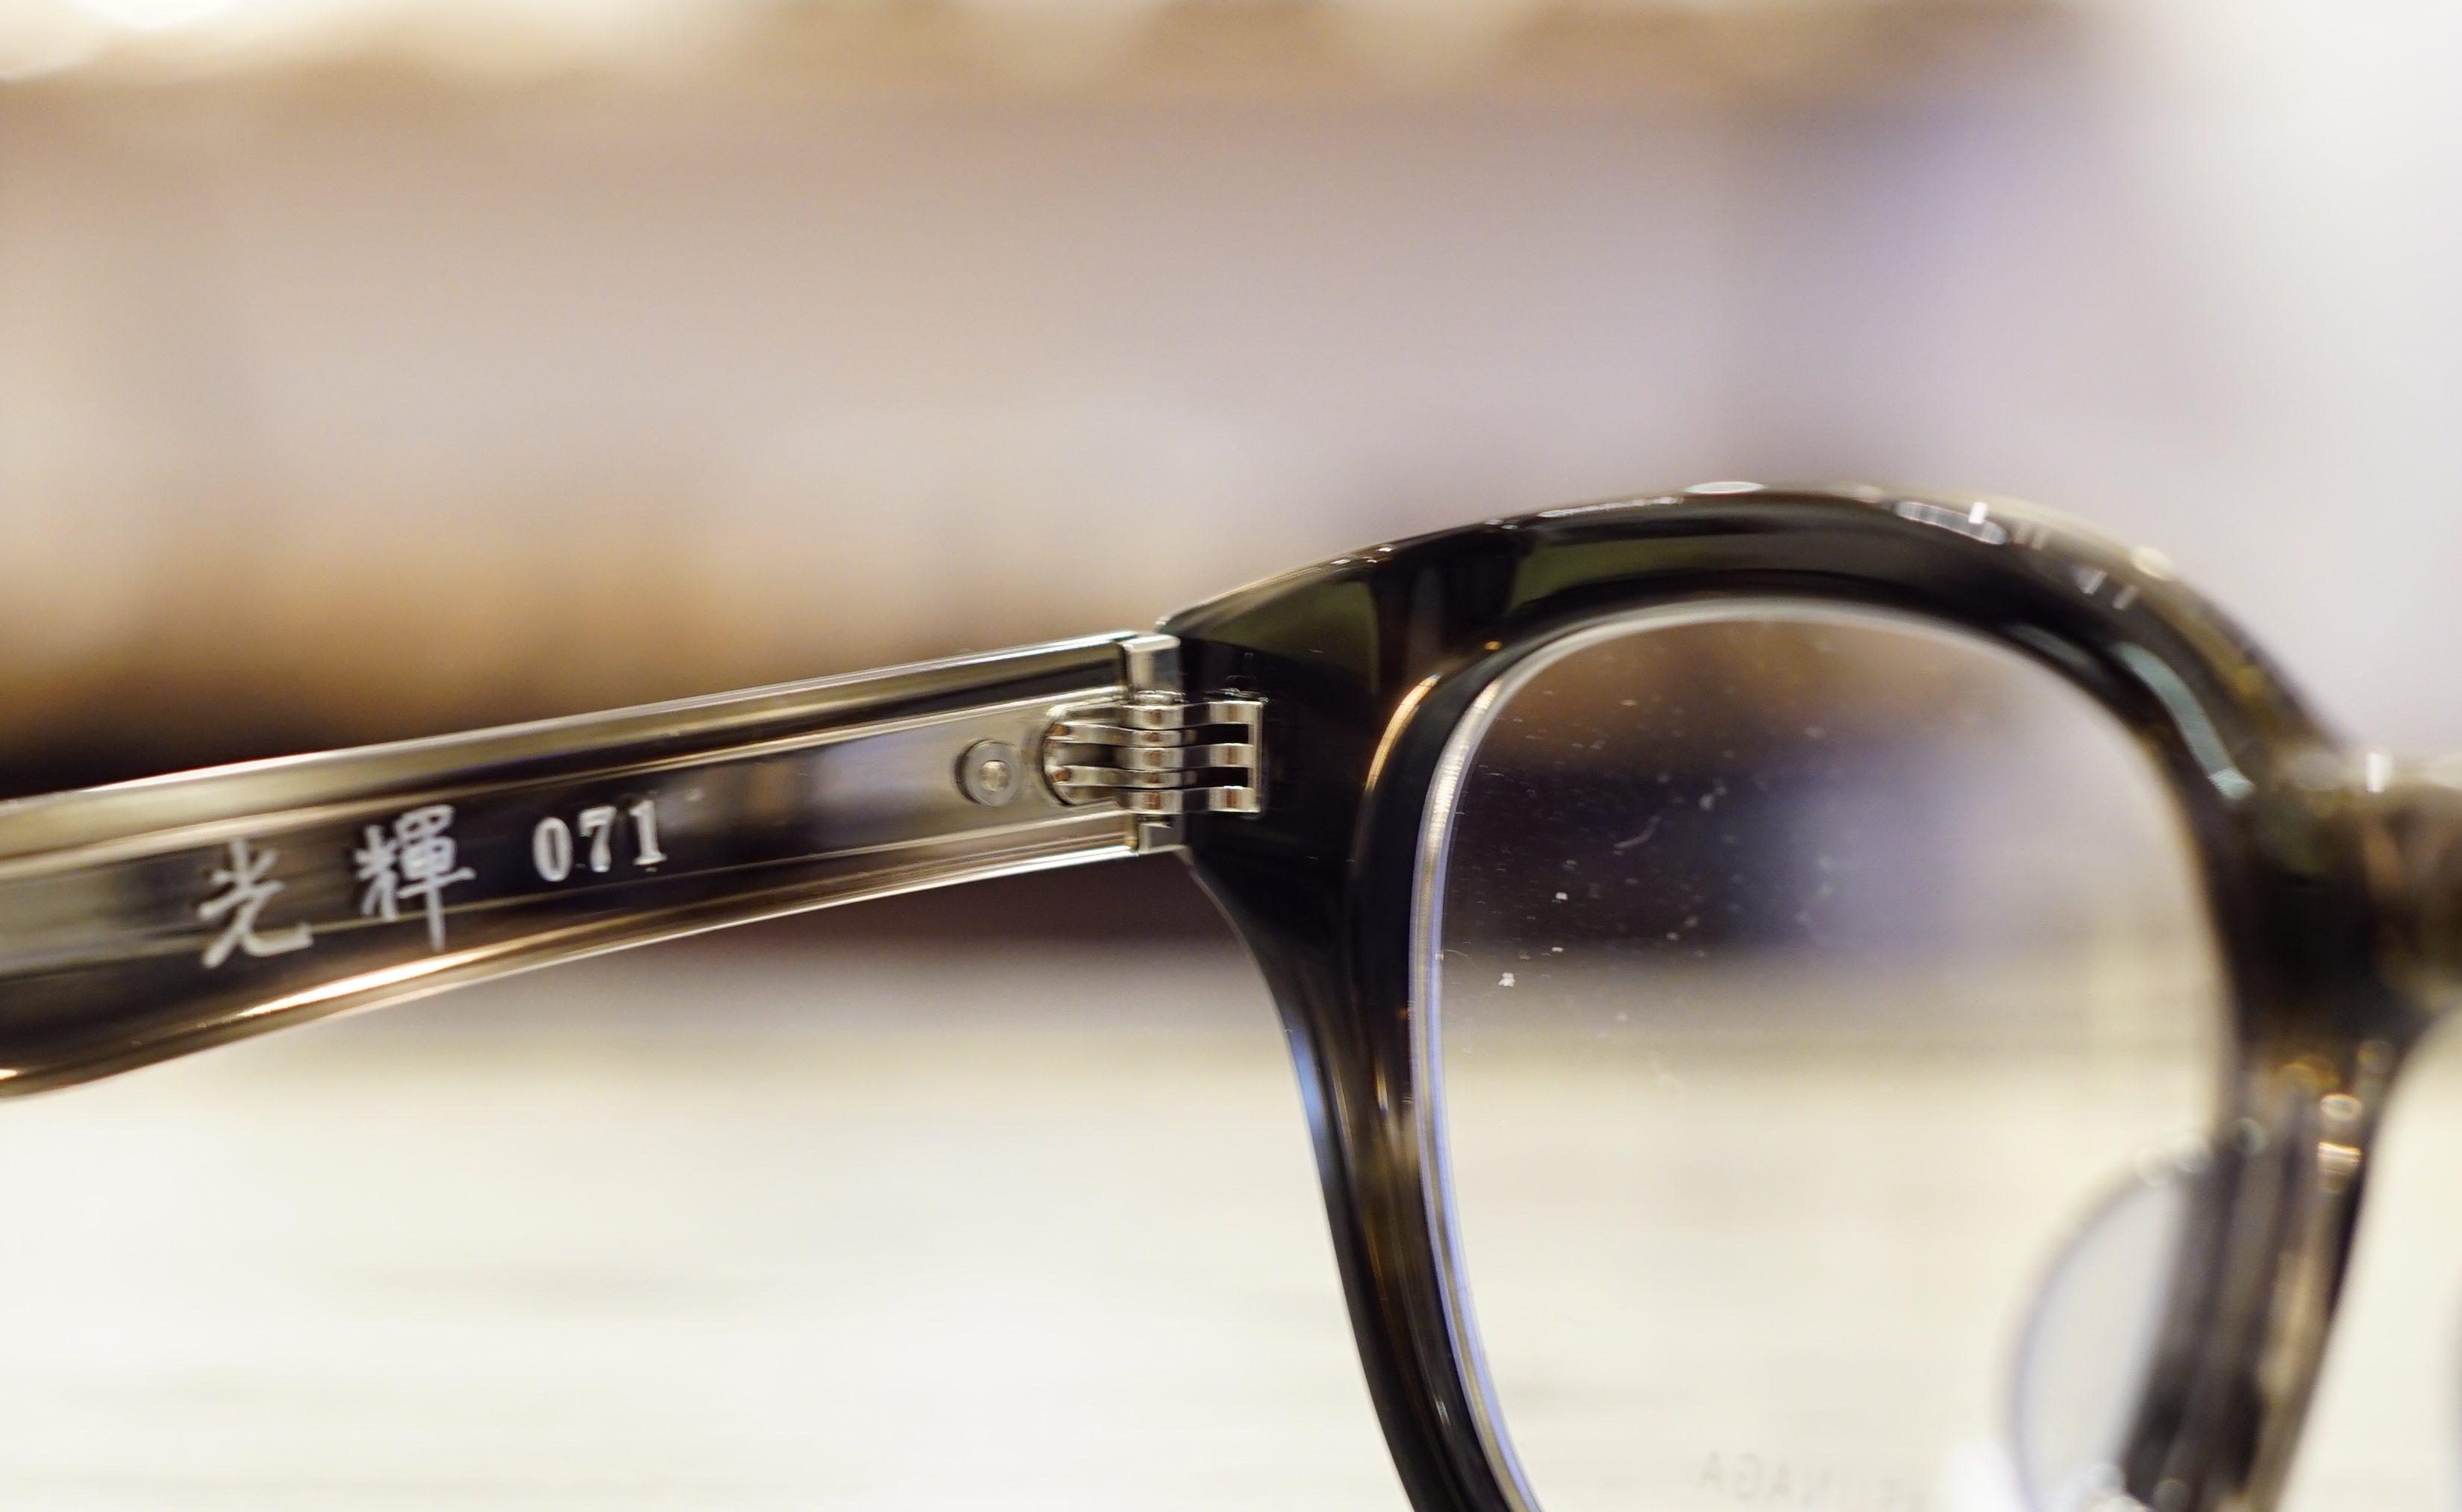 光輝-071 c.GS